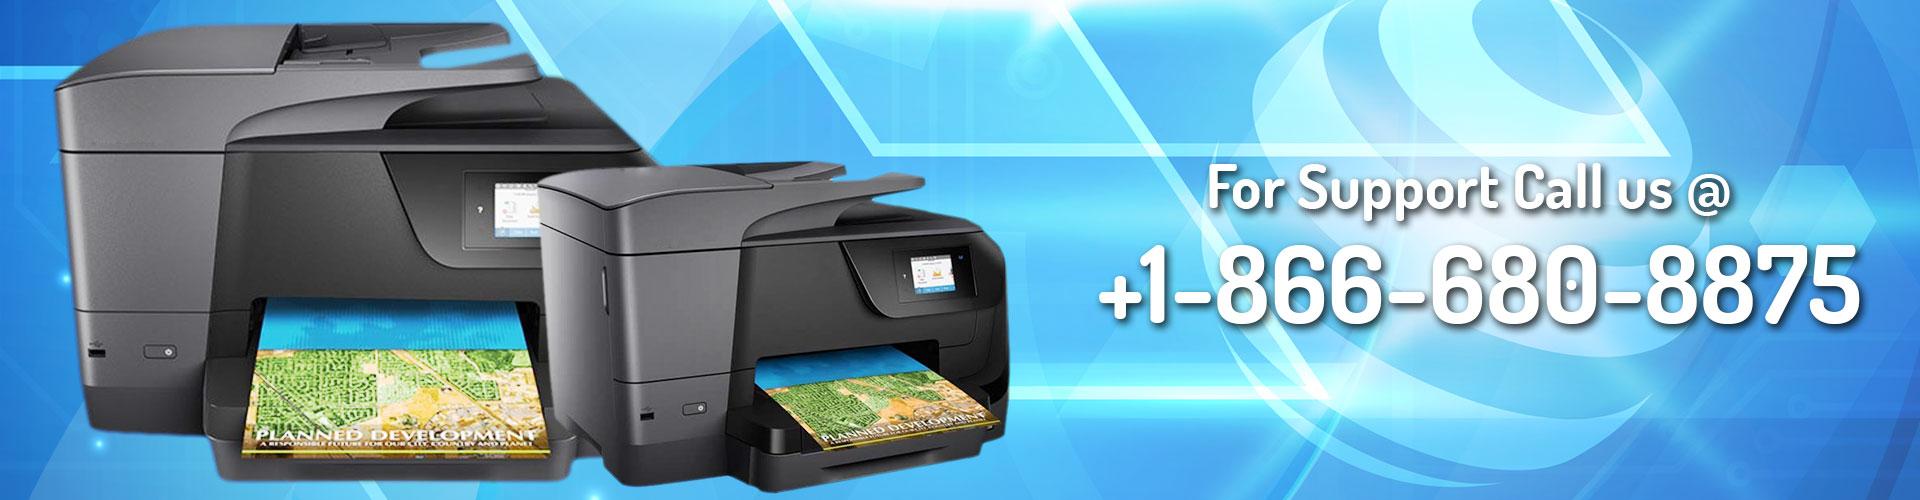 HP OfficeJet Pro 8710 Setup